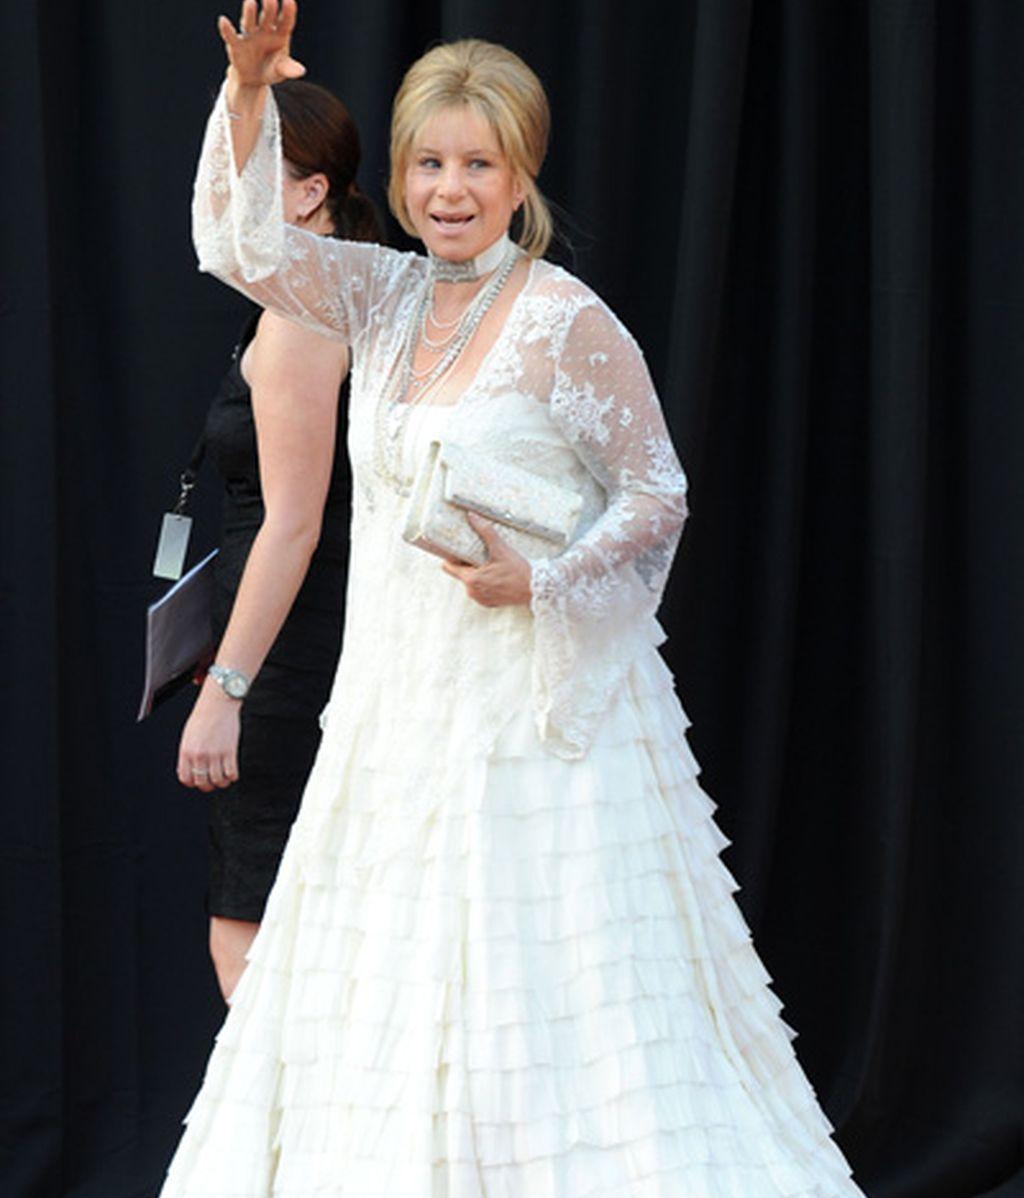 3. Barbra Streisand